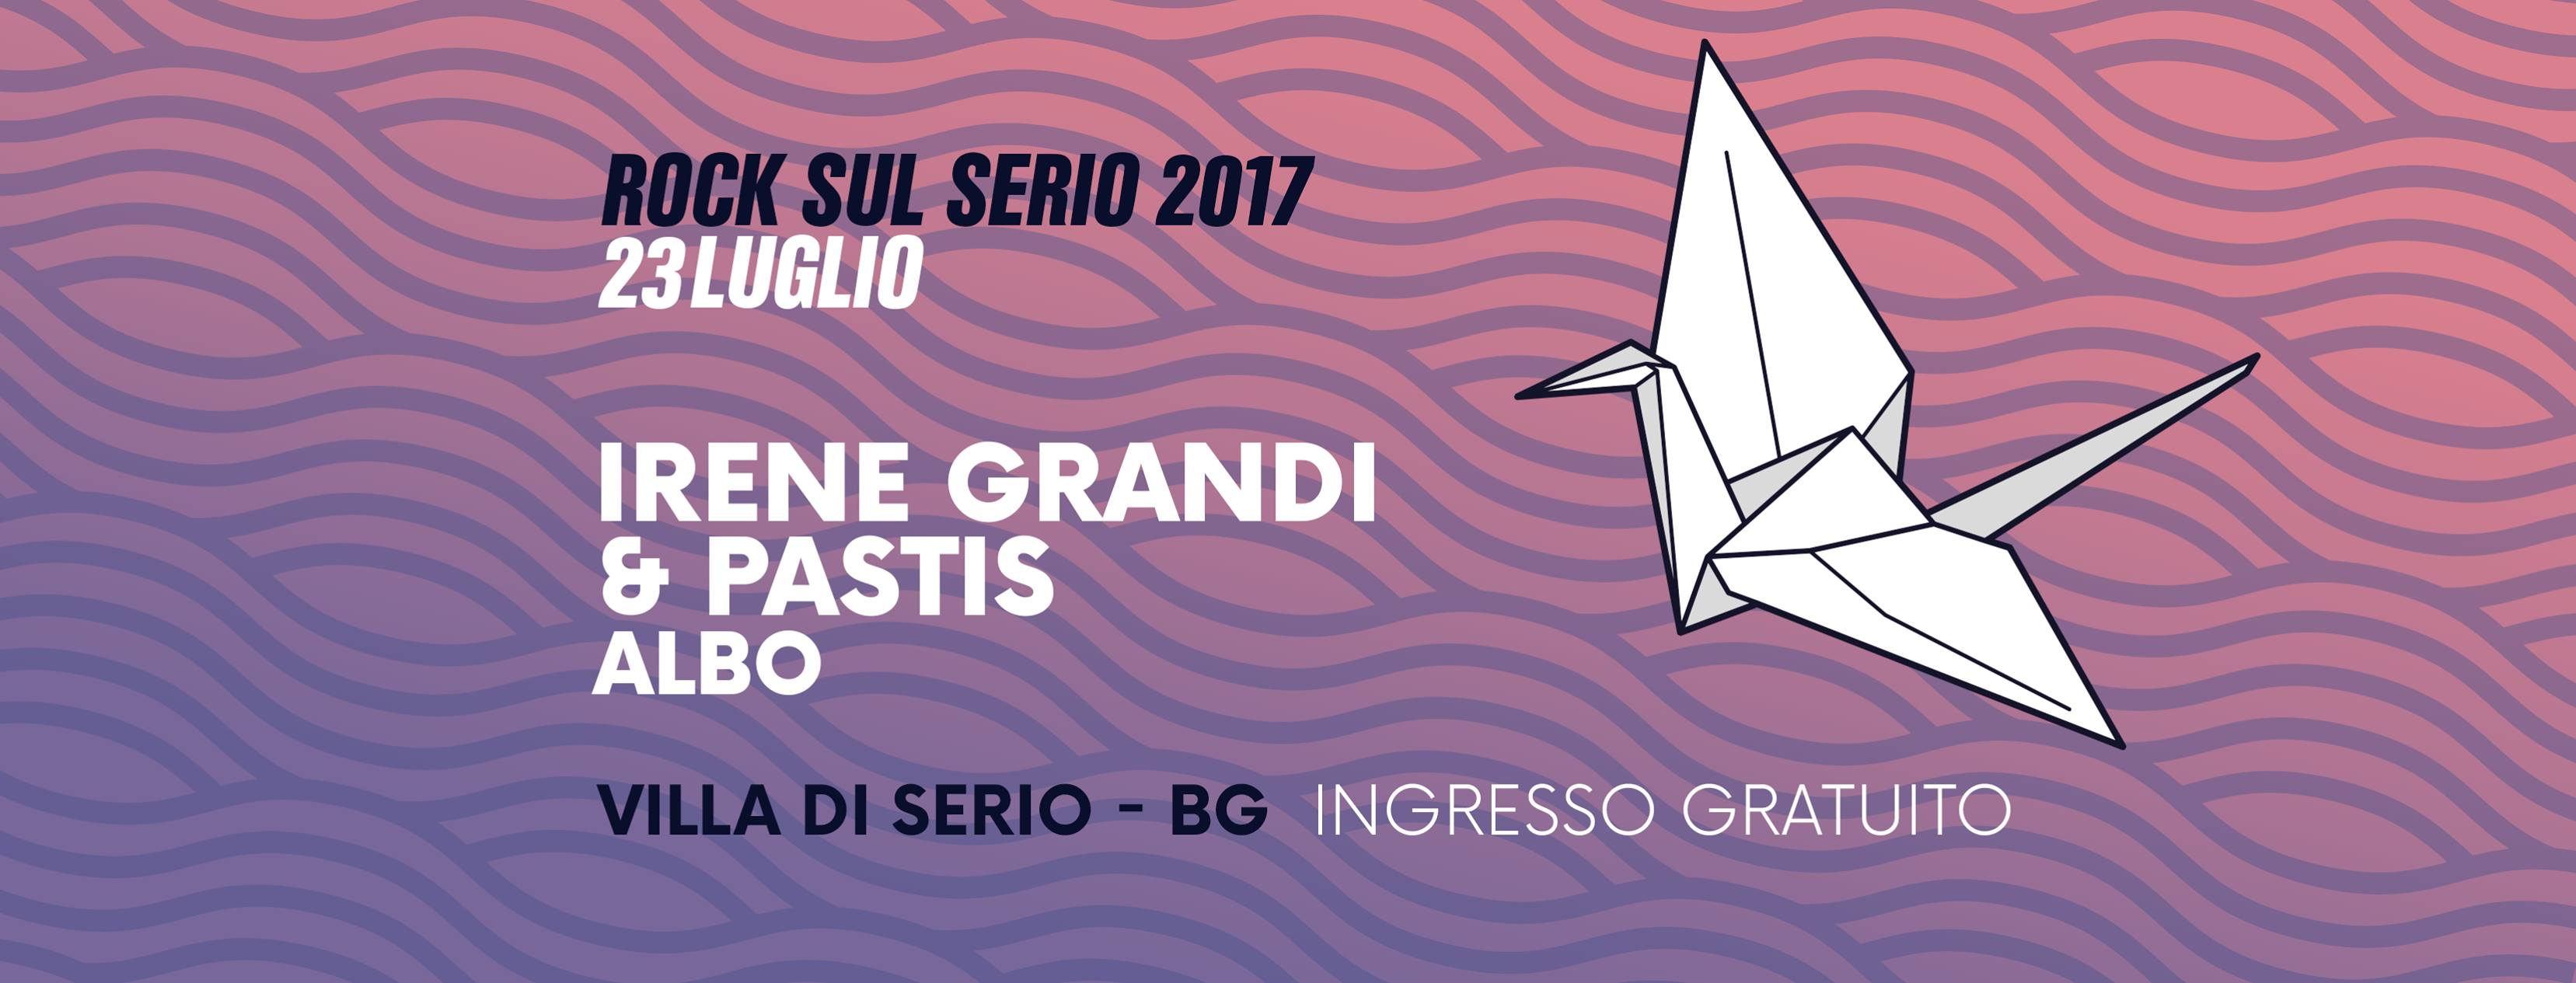 Irene Grandi e Pastis - Rock sul Serio 2017 - chuckia